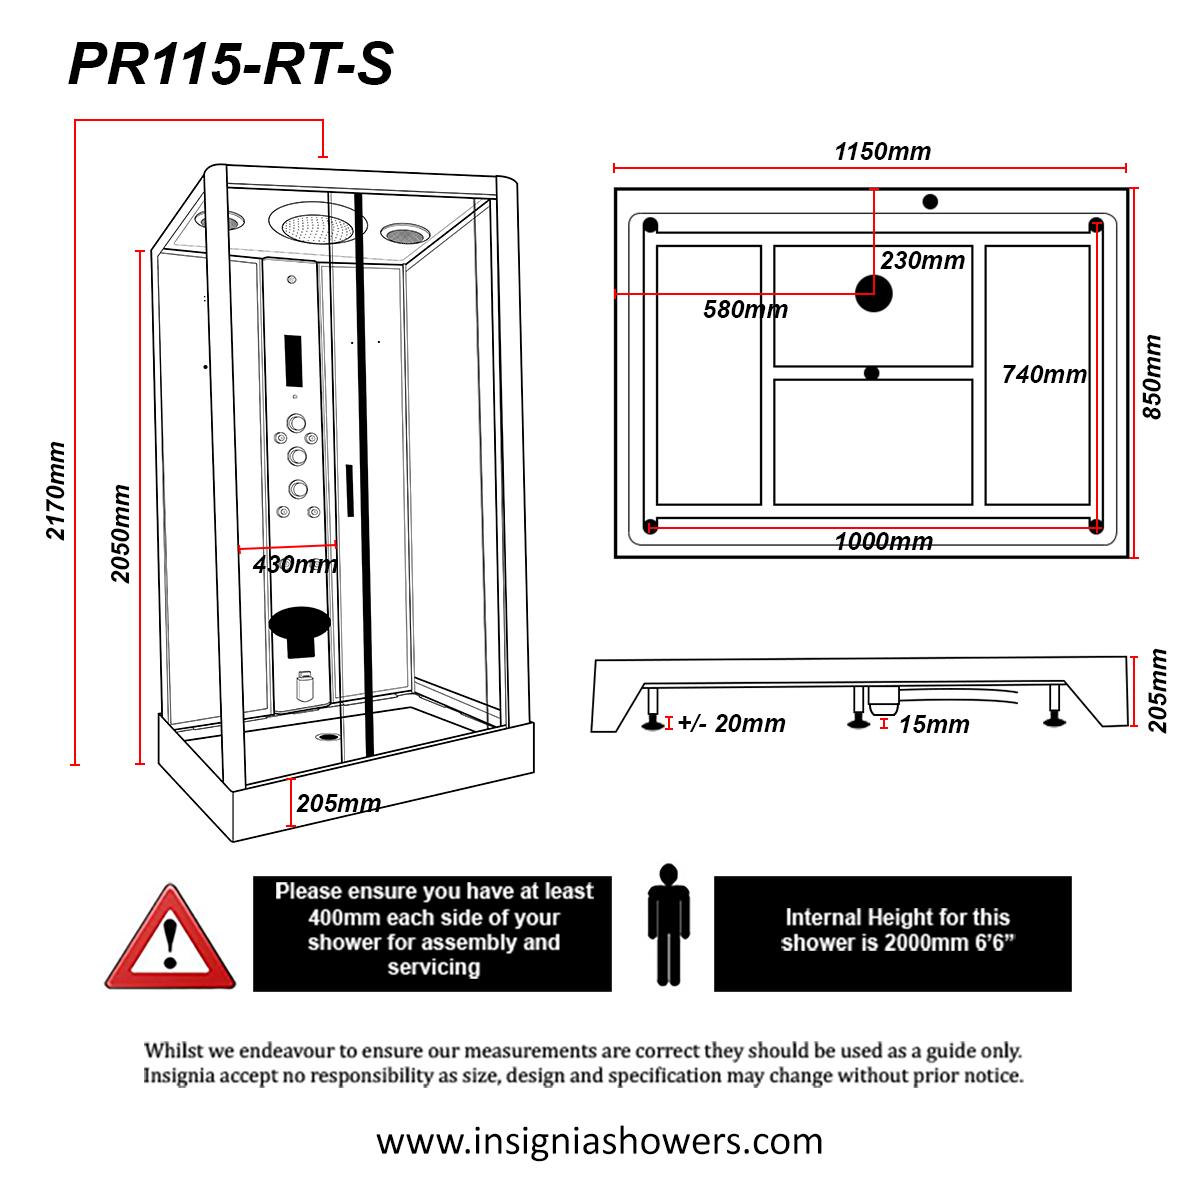 PR115-RT-S